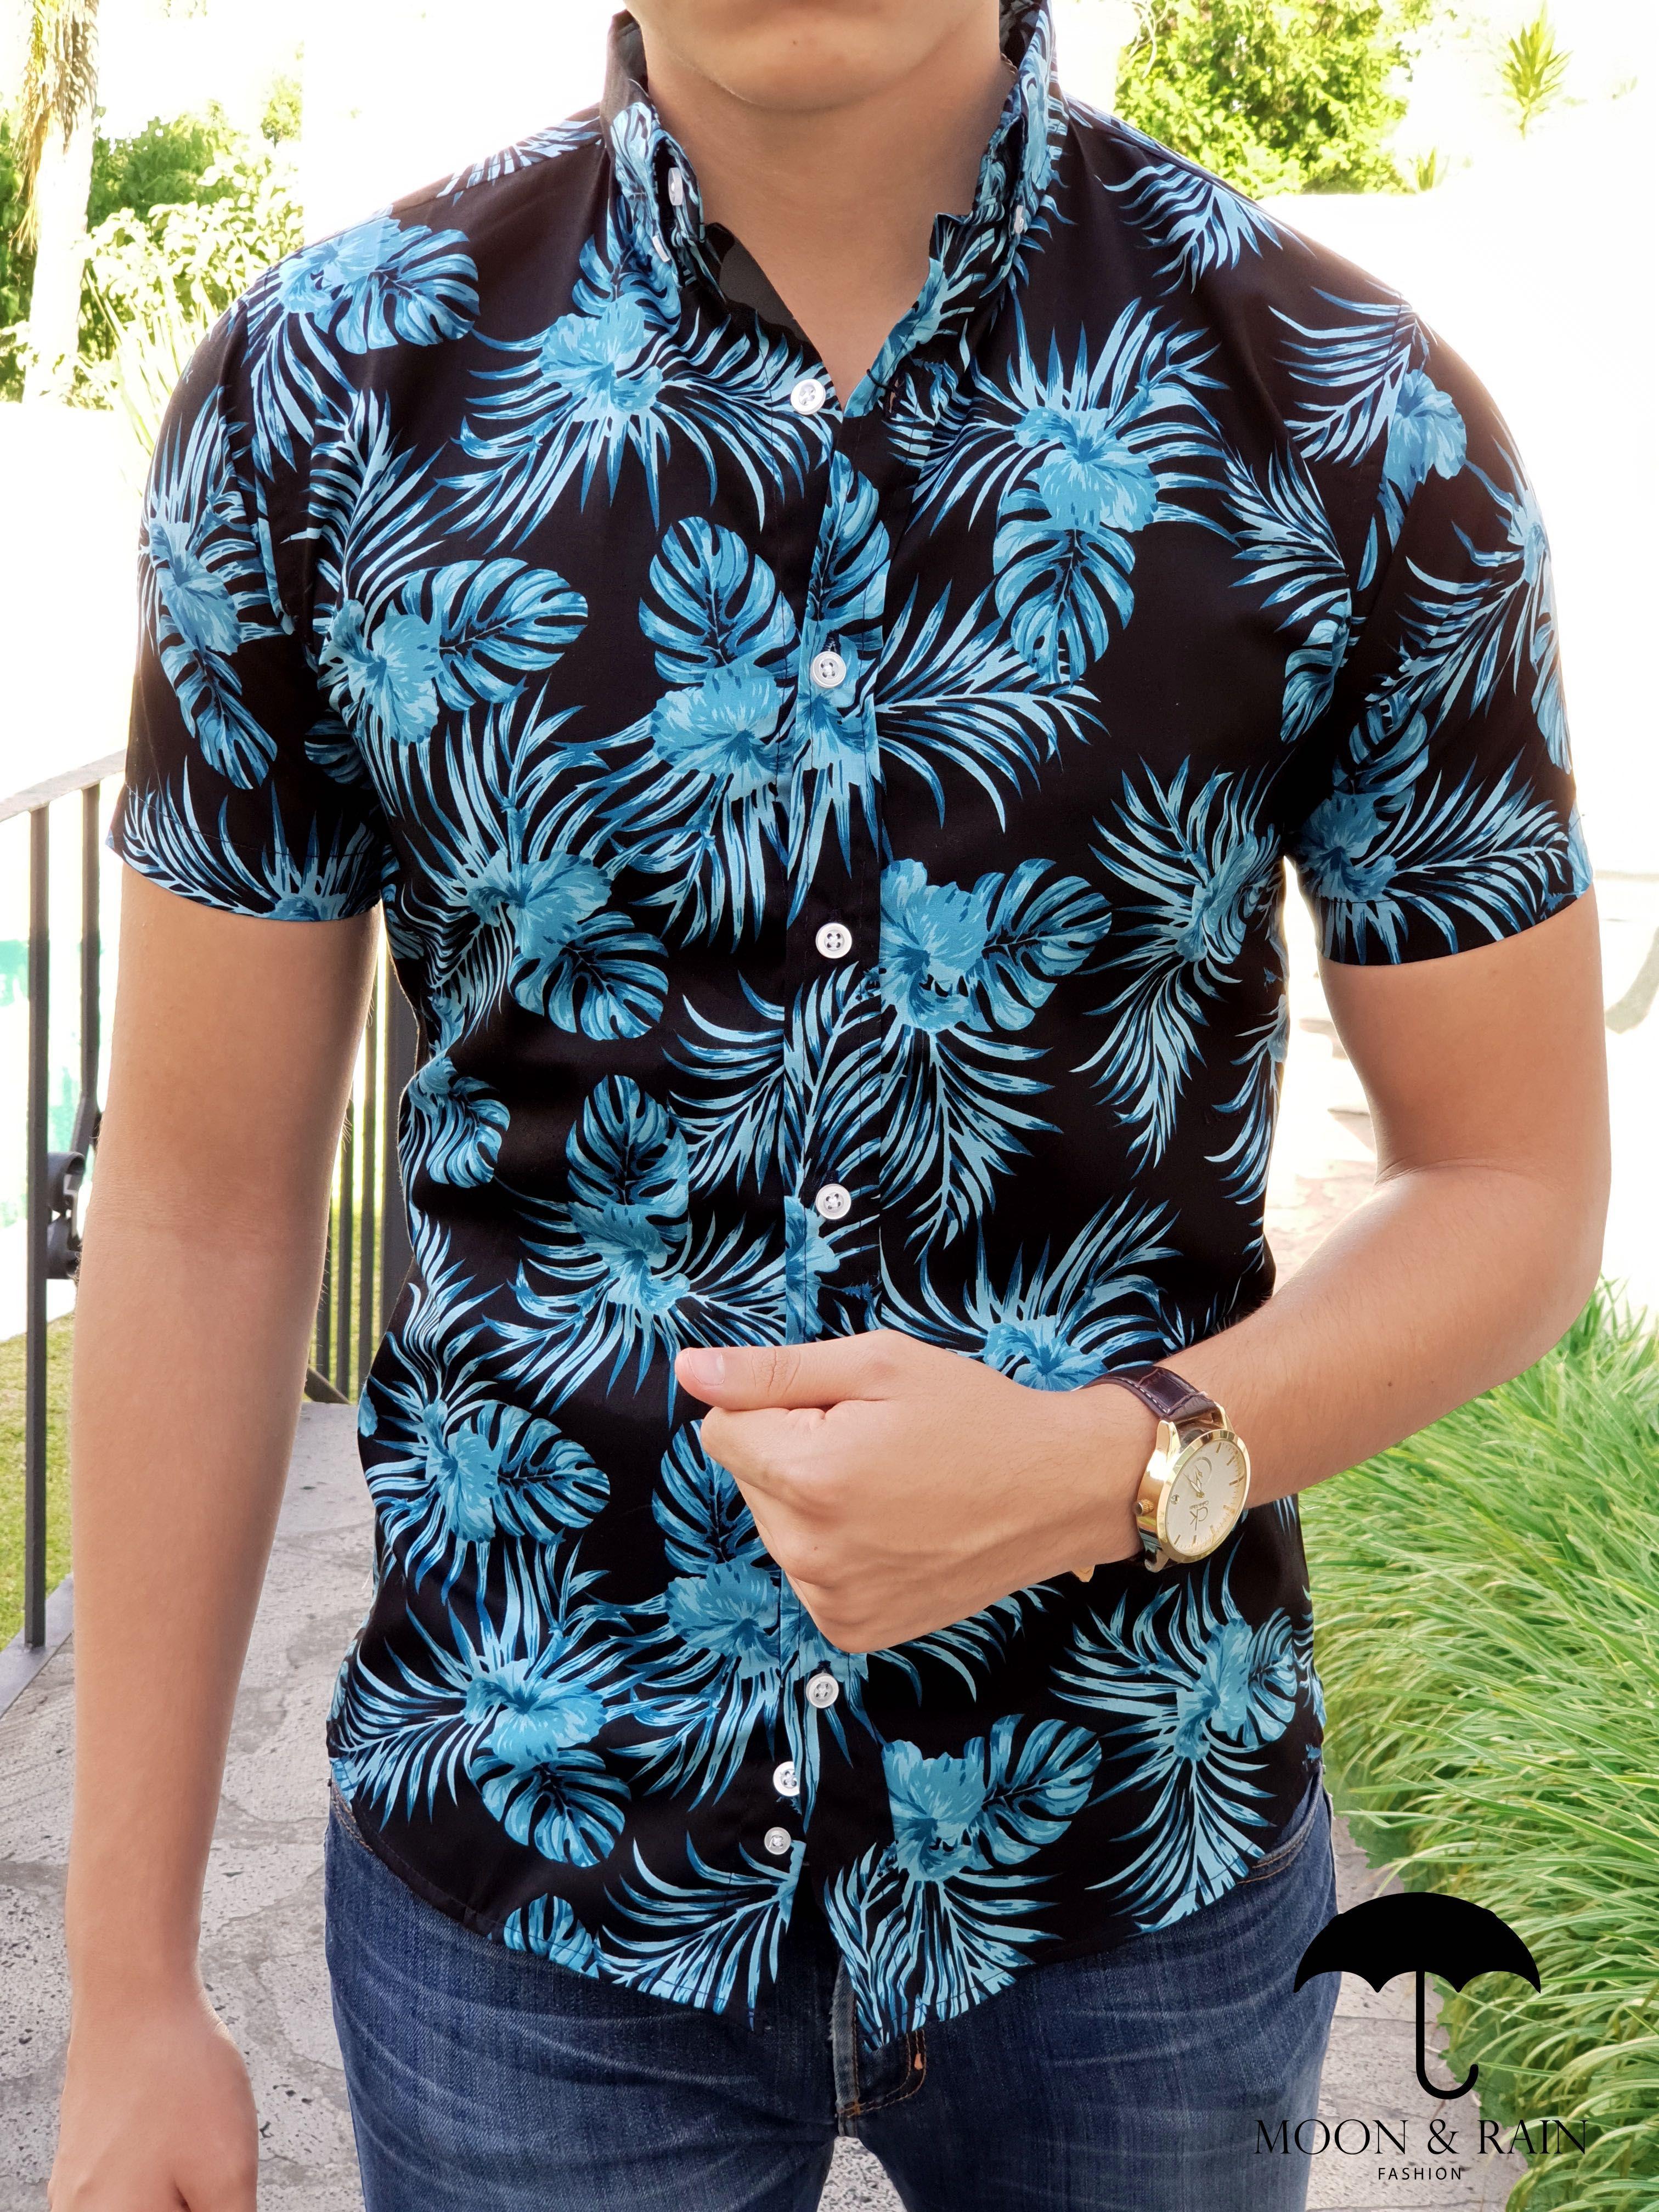 ventas al por mayor invicto x nuevo estilo Outfit para hombre; camisa marino con flores azul cielo en ...